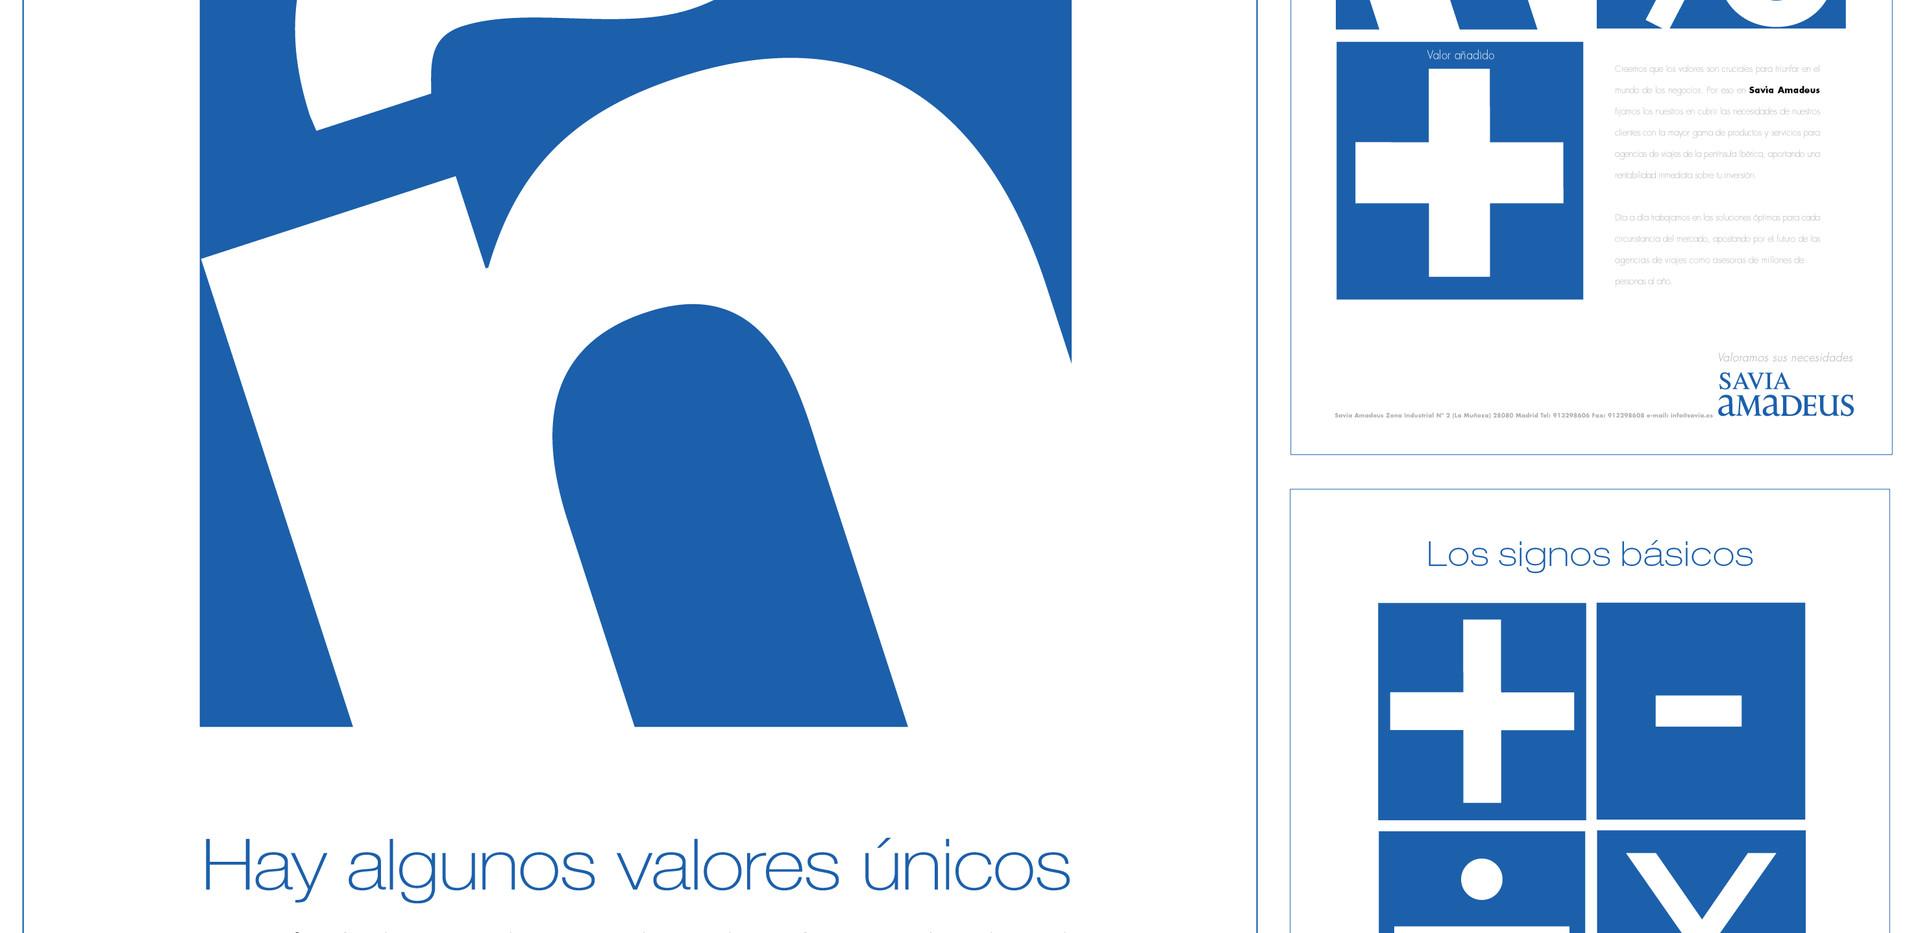 Press Ad Campaign for Savia Amadeus